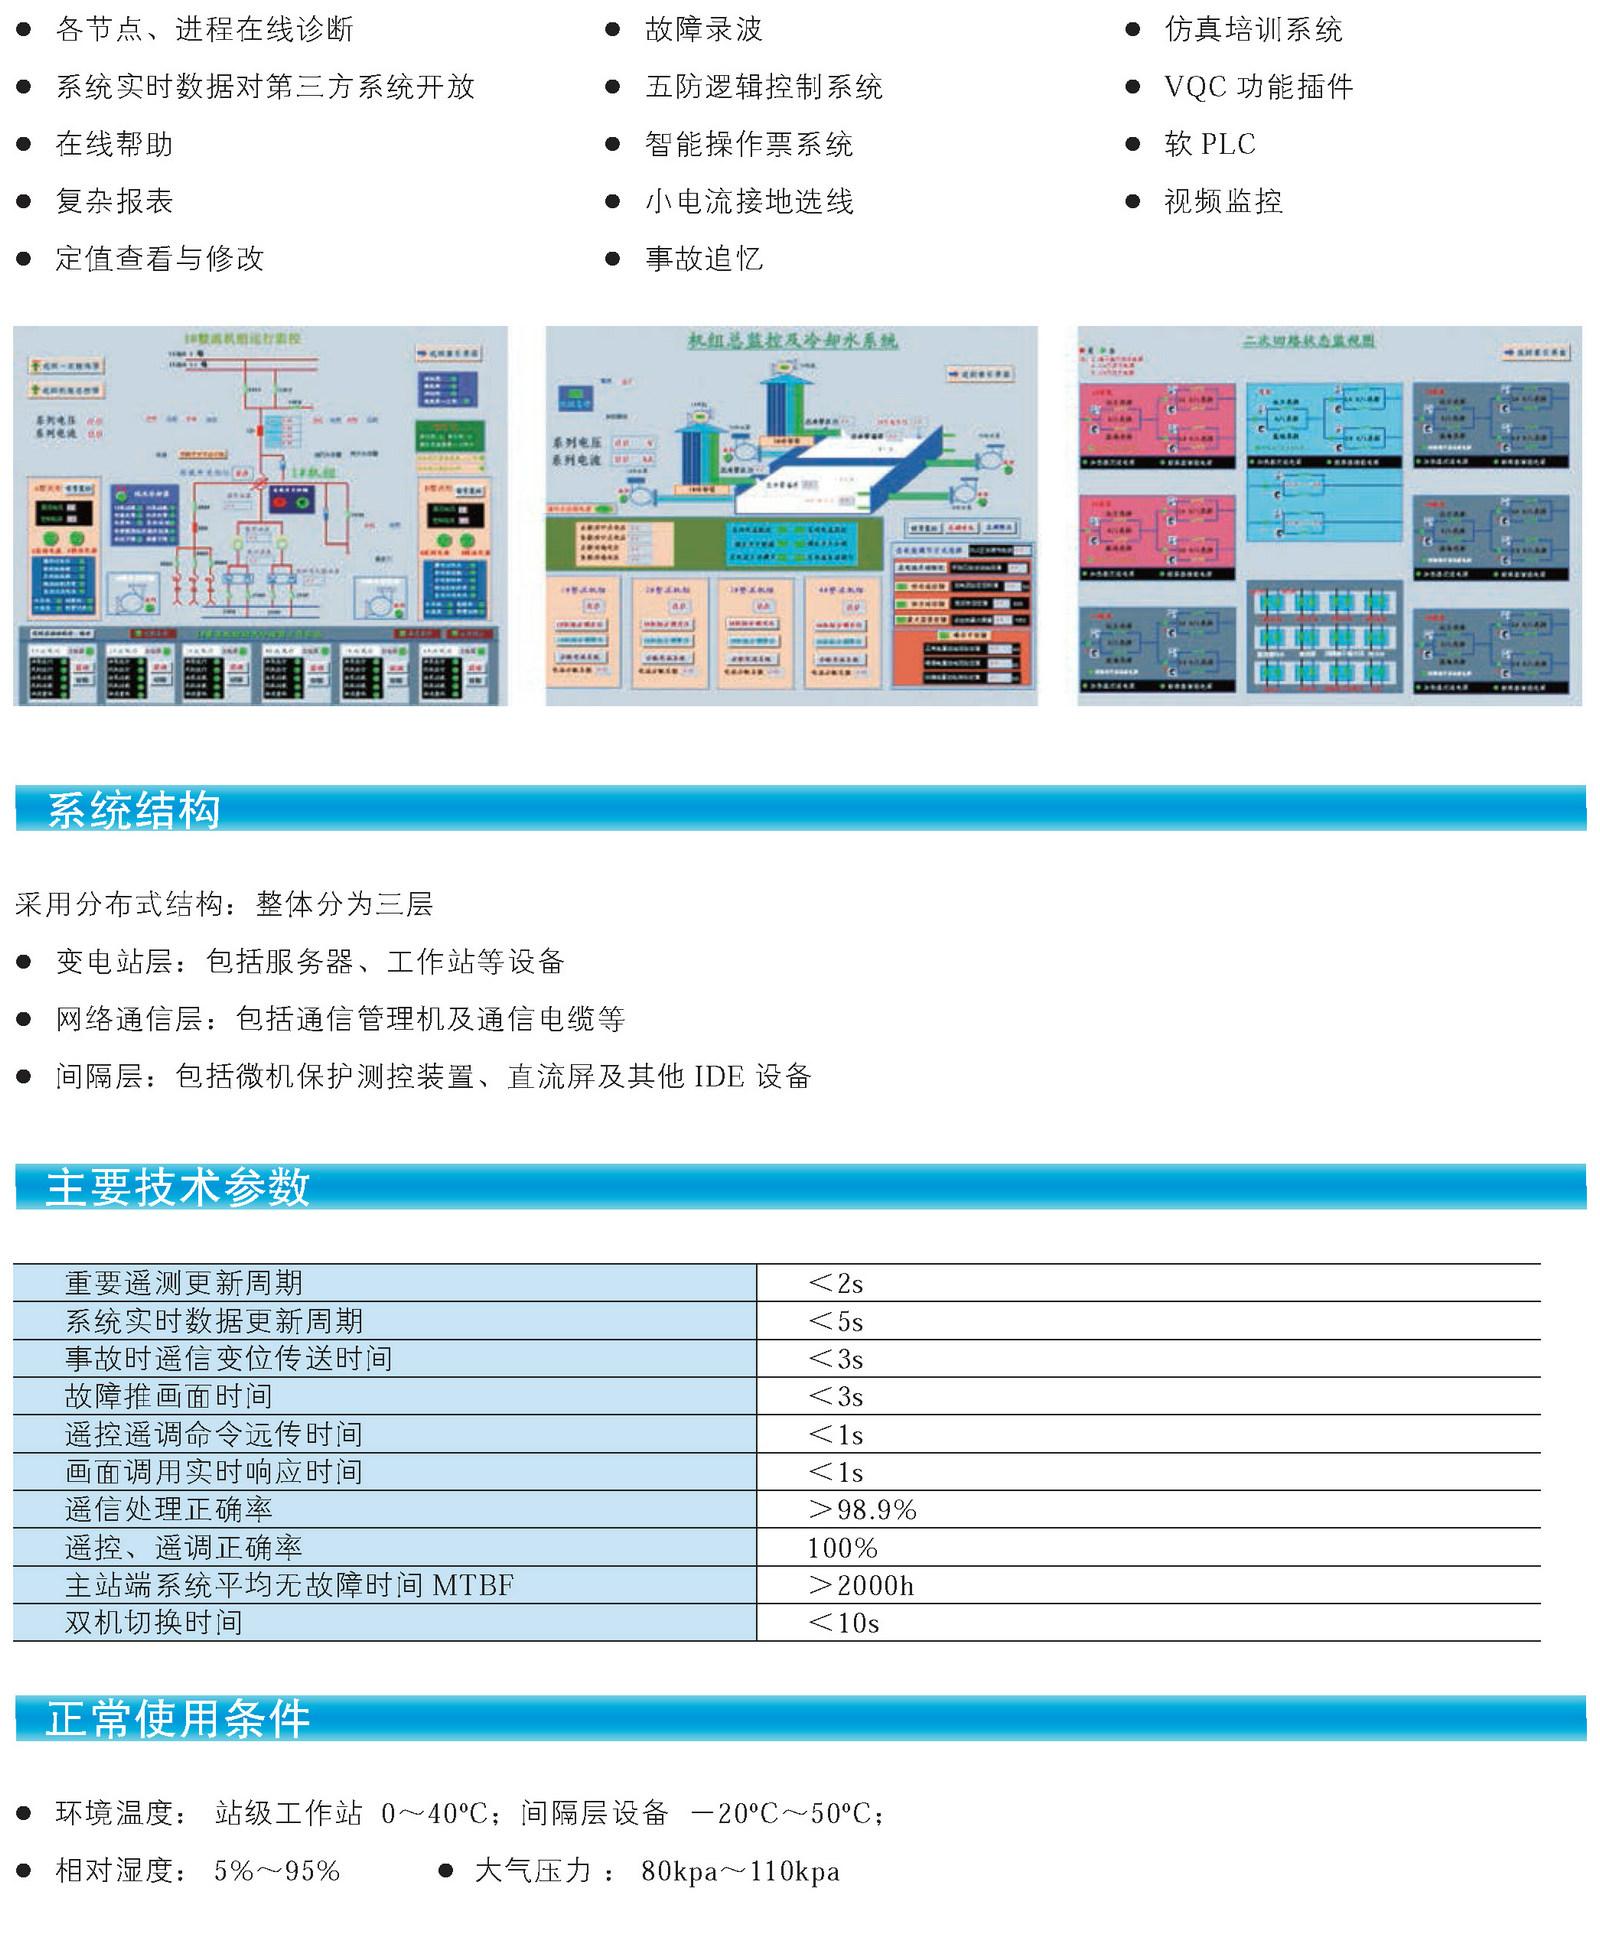 CLS3.0变电站综合自动化系统2_副本